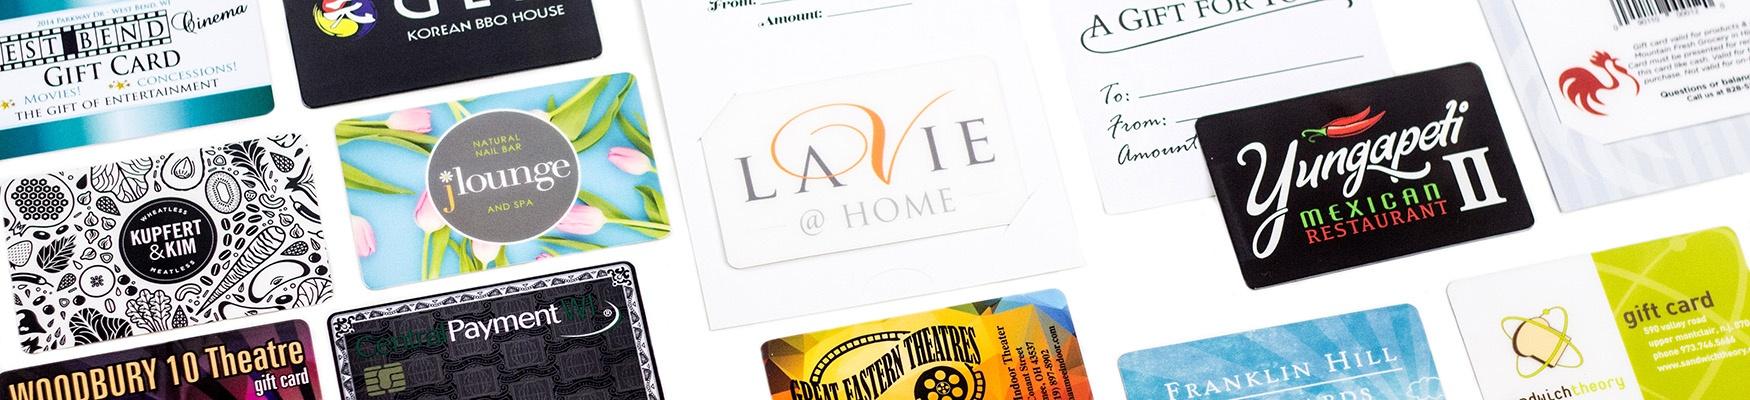 Gift-Card-Banner-Sample-6-1750x400.jpg